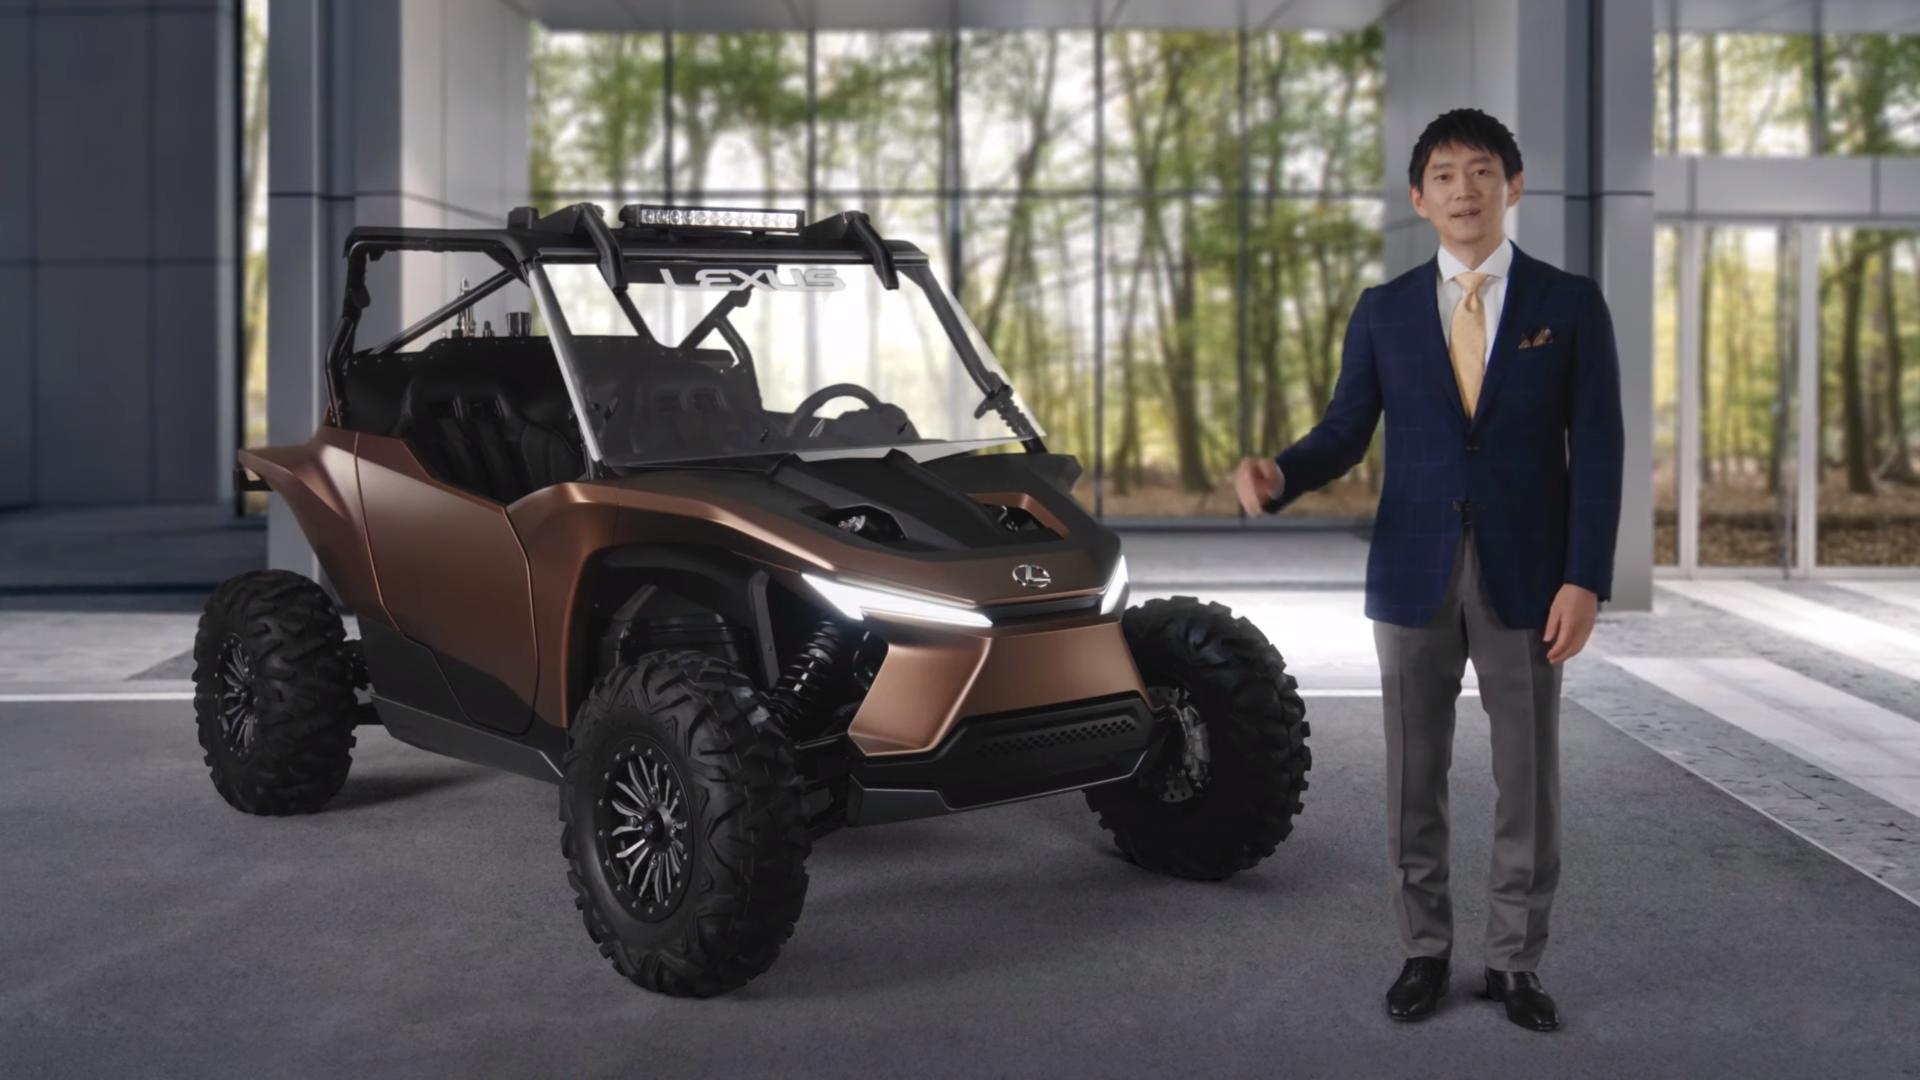 Lexus показал странный концепт для активного отдыха: это багги, работающий на водороде